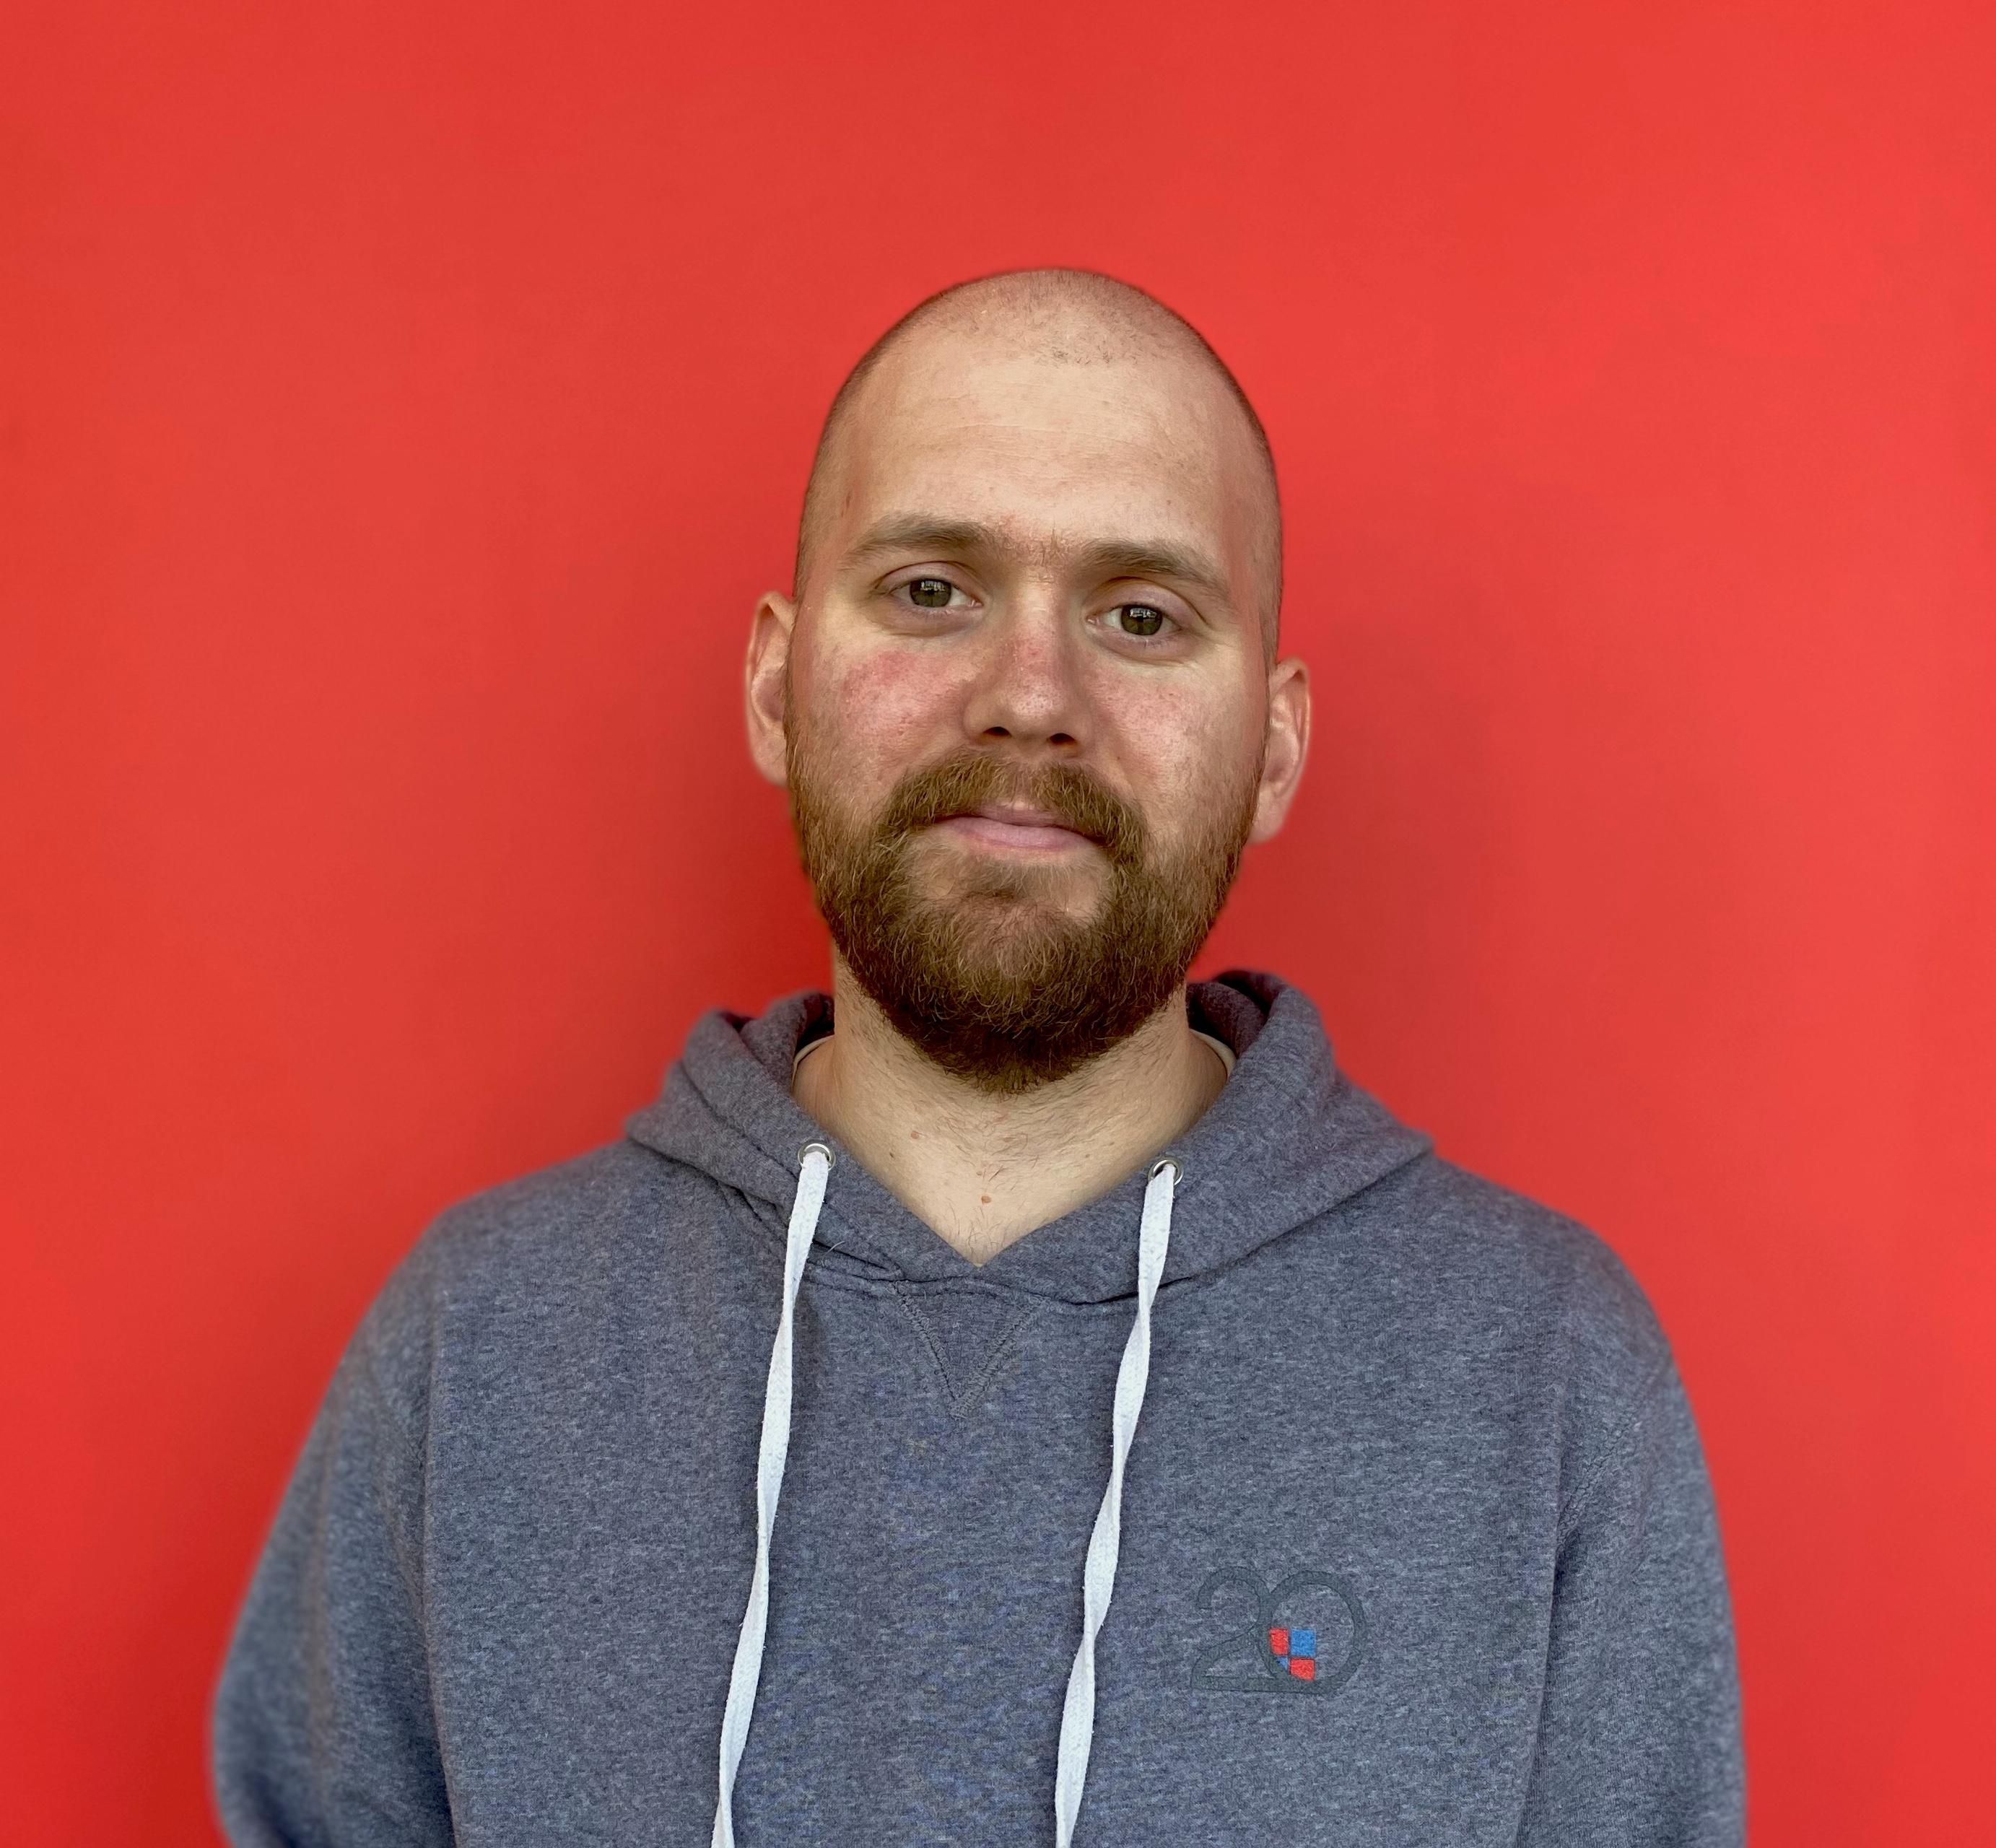 Headshot of Adam Laquintana